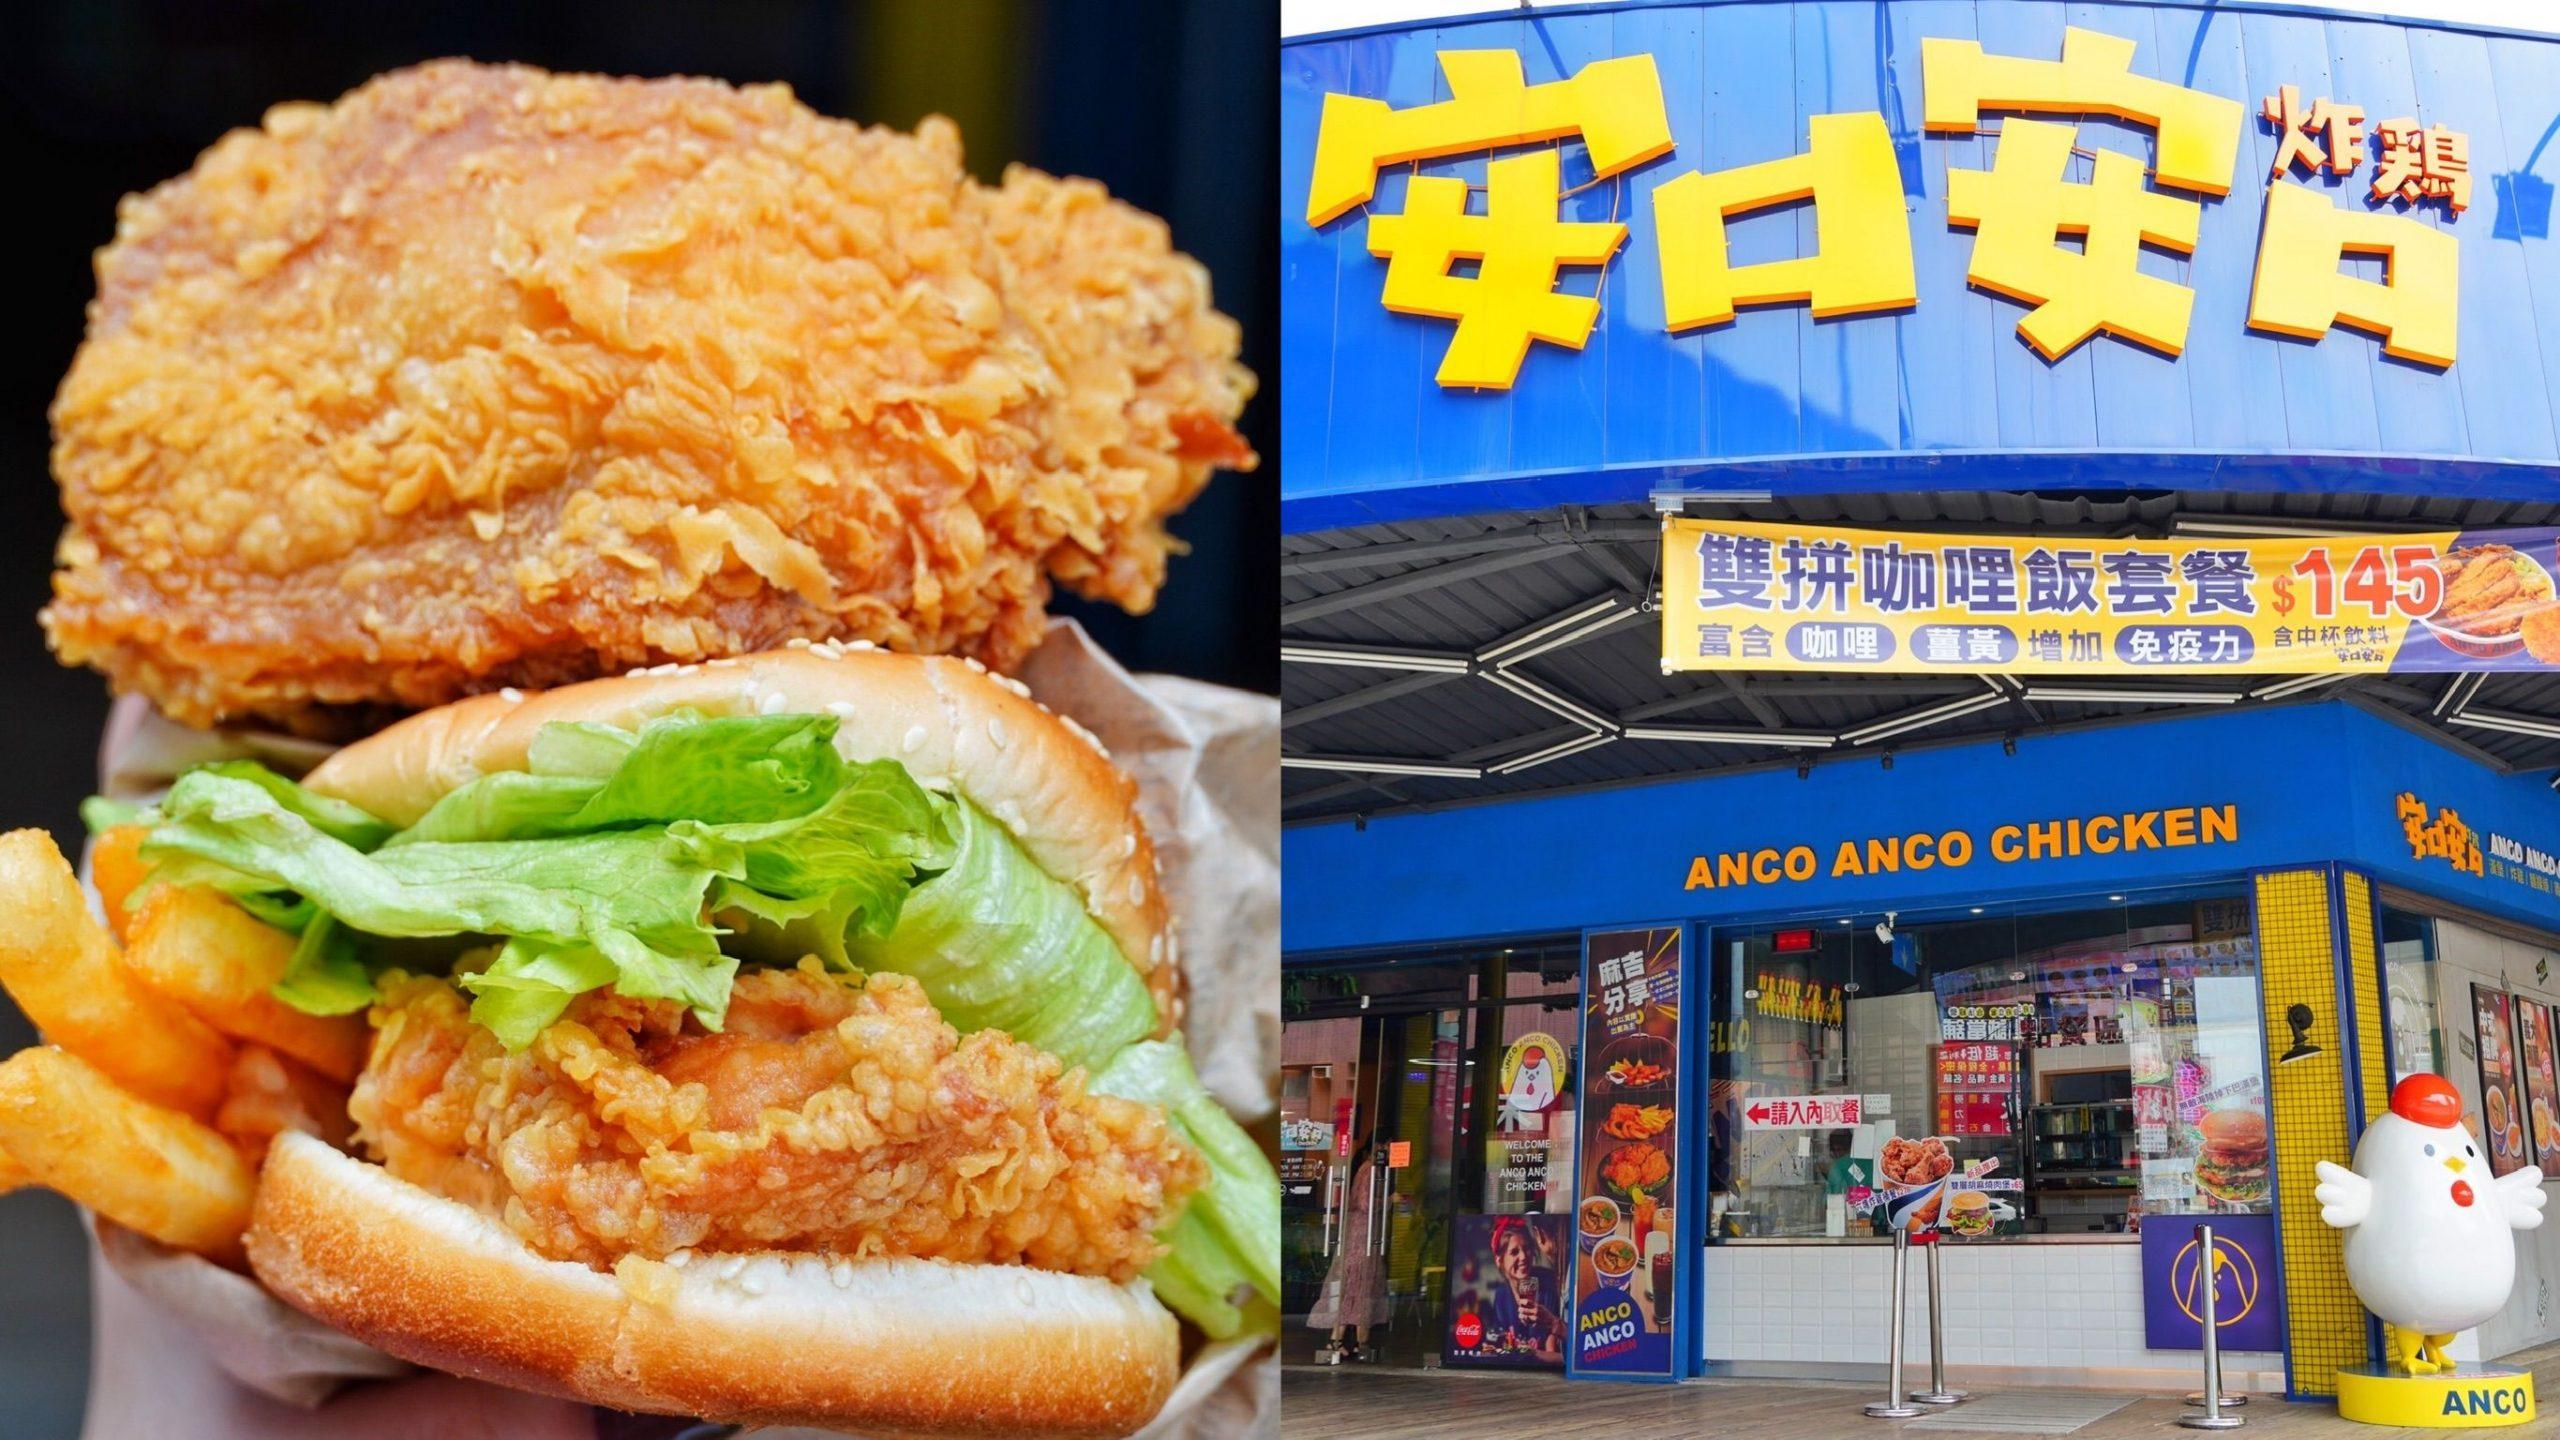 【高雄美食】激似丹丹漢堡的炸雞店你吃過嗎?16種中西套餐也有麵線羹!內用飲料喝到飽 – 安口安口炸雞